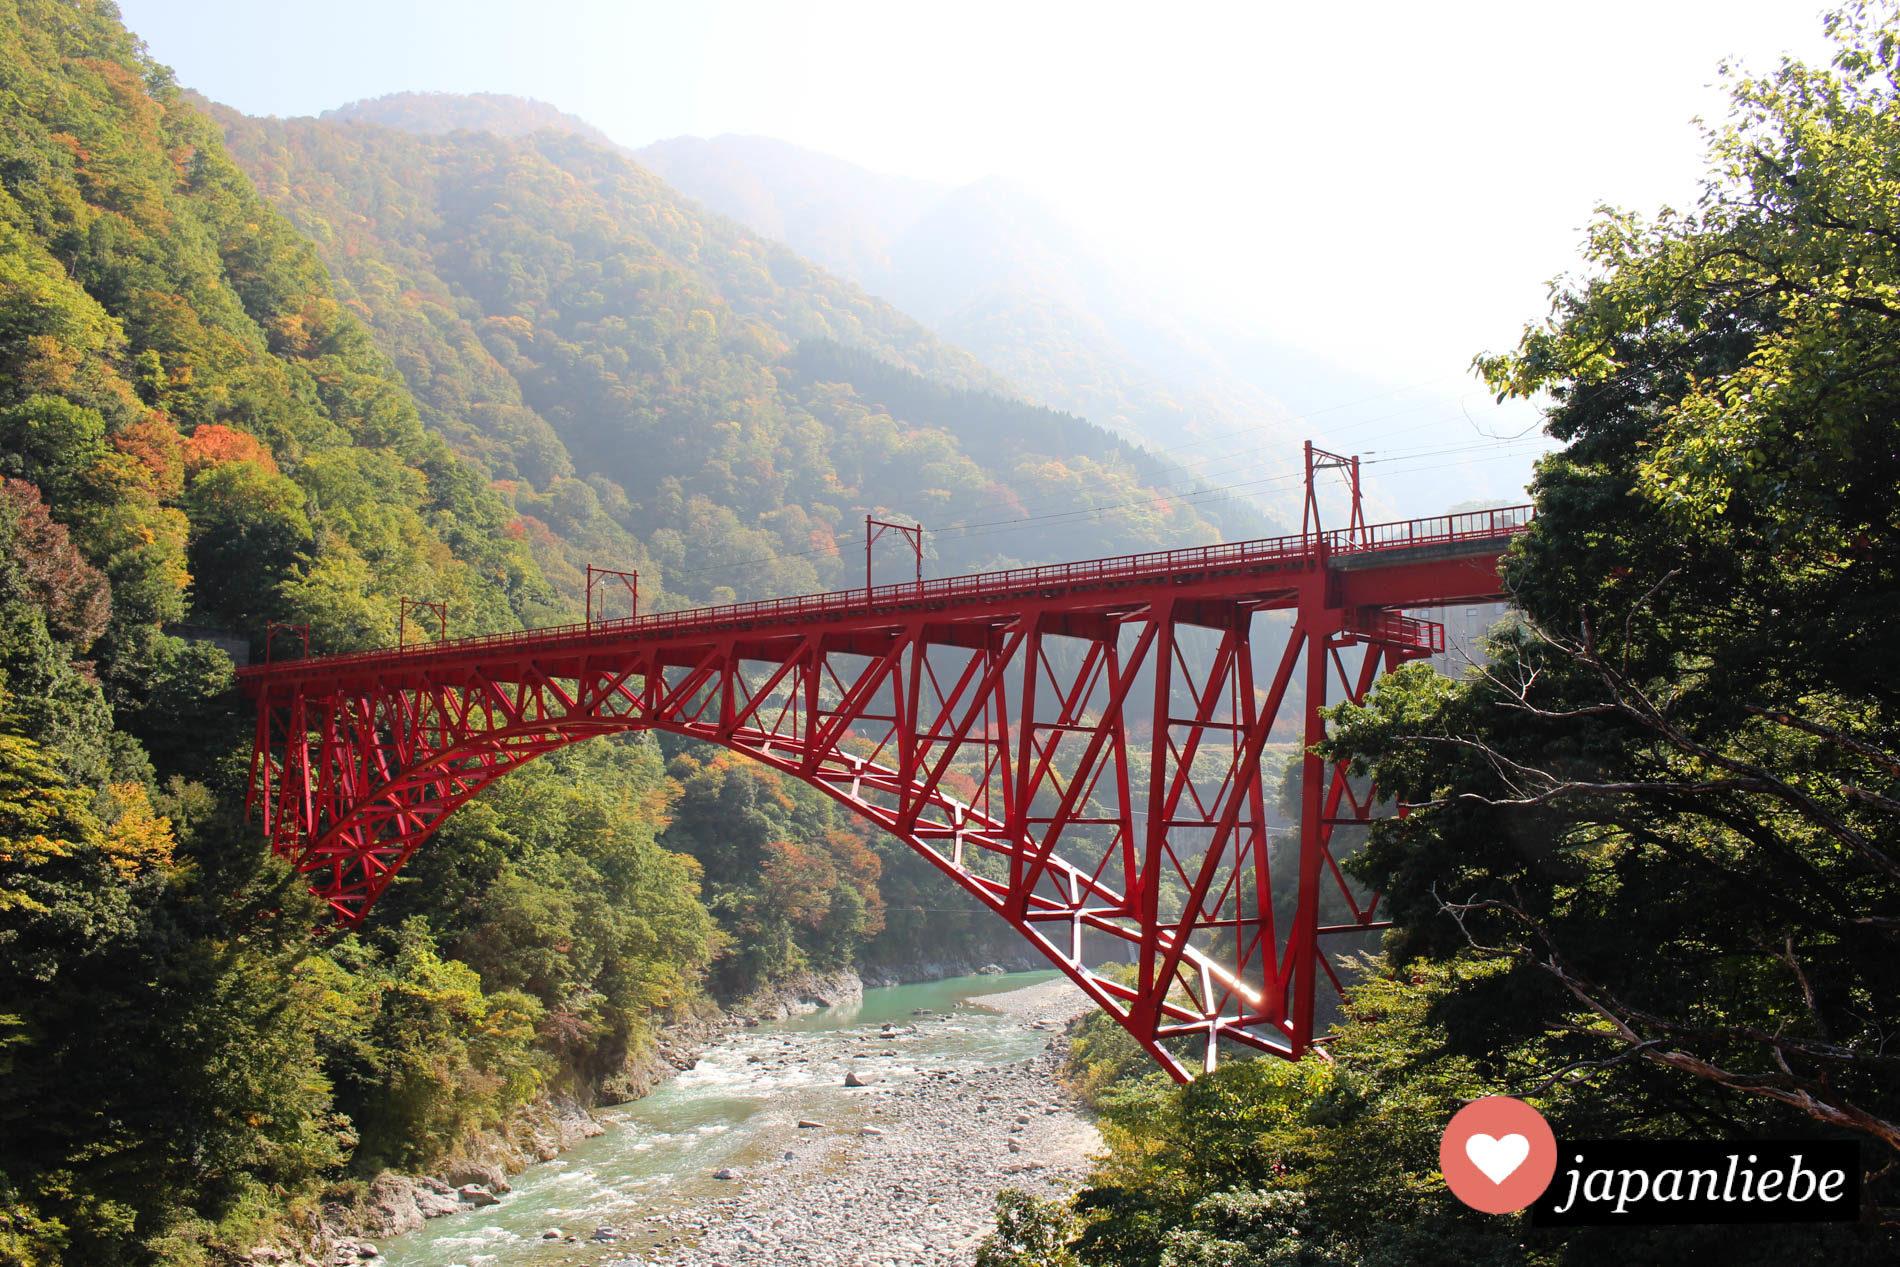 Das bekannteste Motiv der Kurobe-Schlucht: Die Shin Yamabiko Brücke.